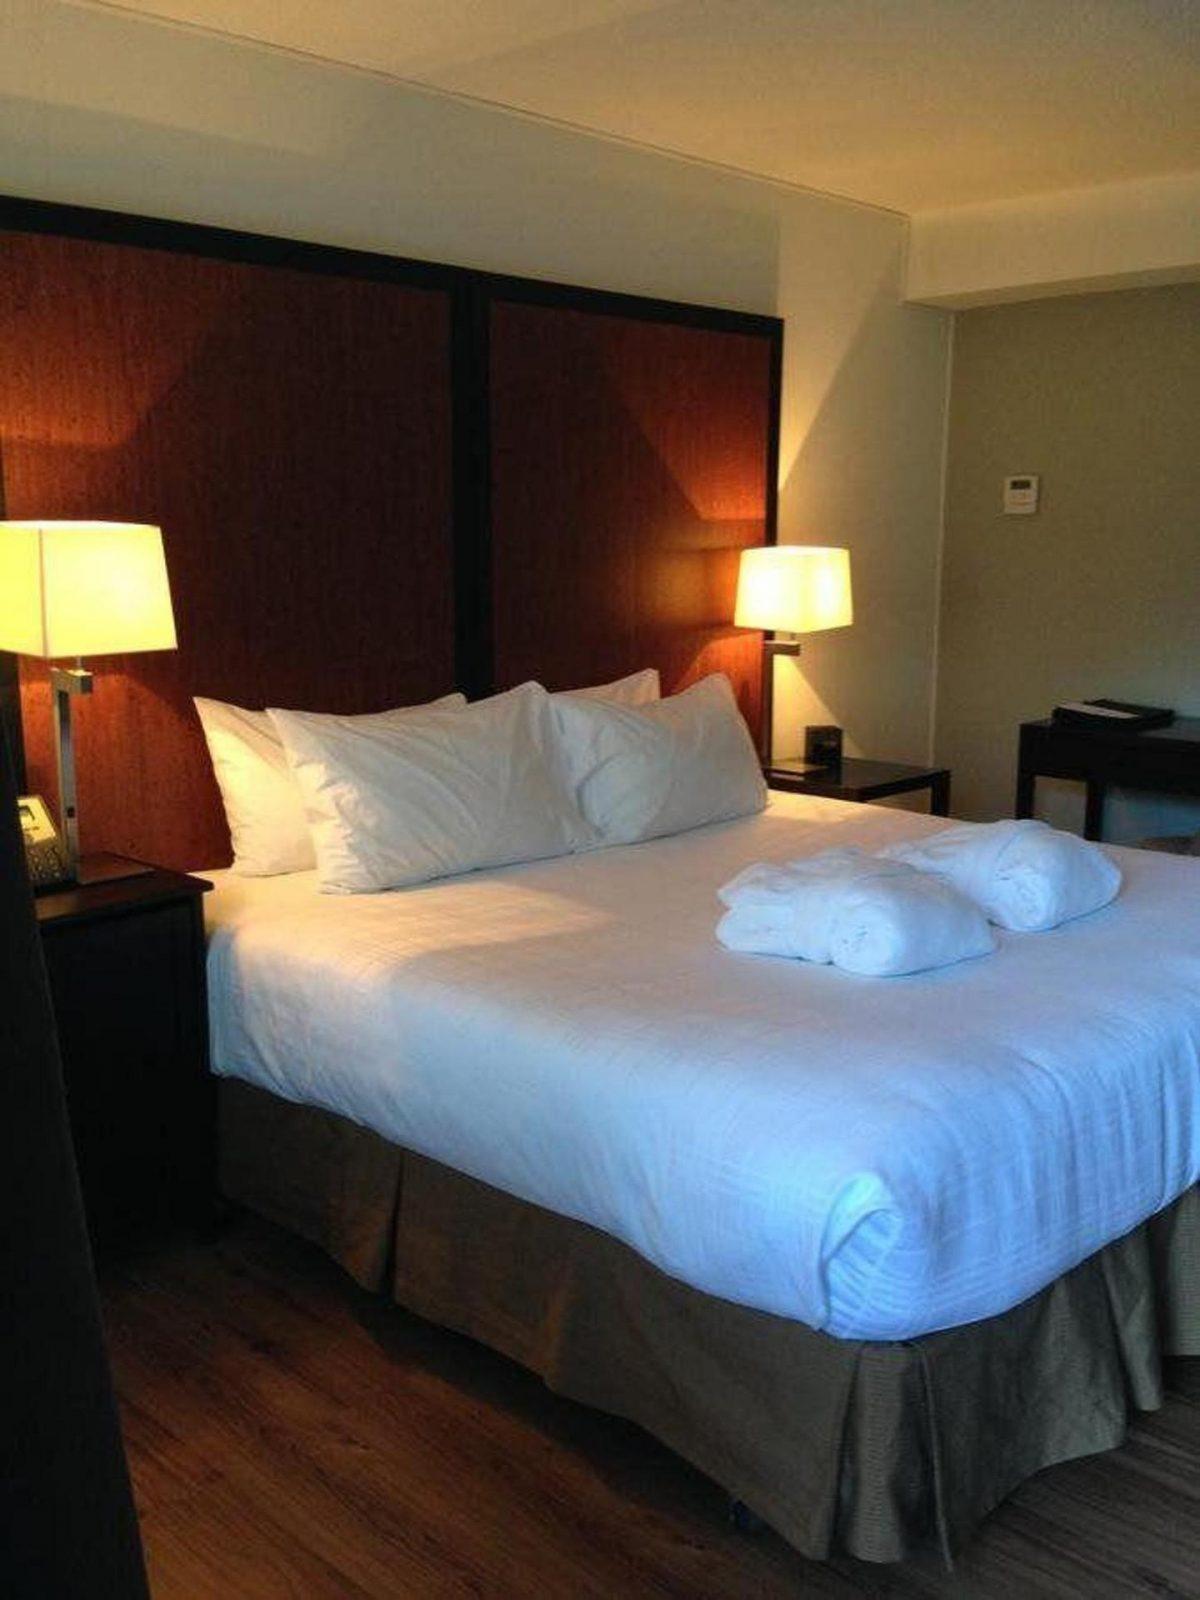 centro-motel-rooms-11